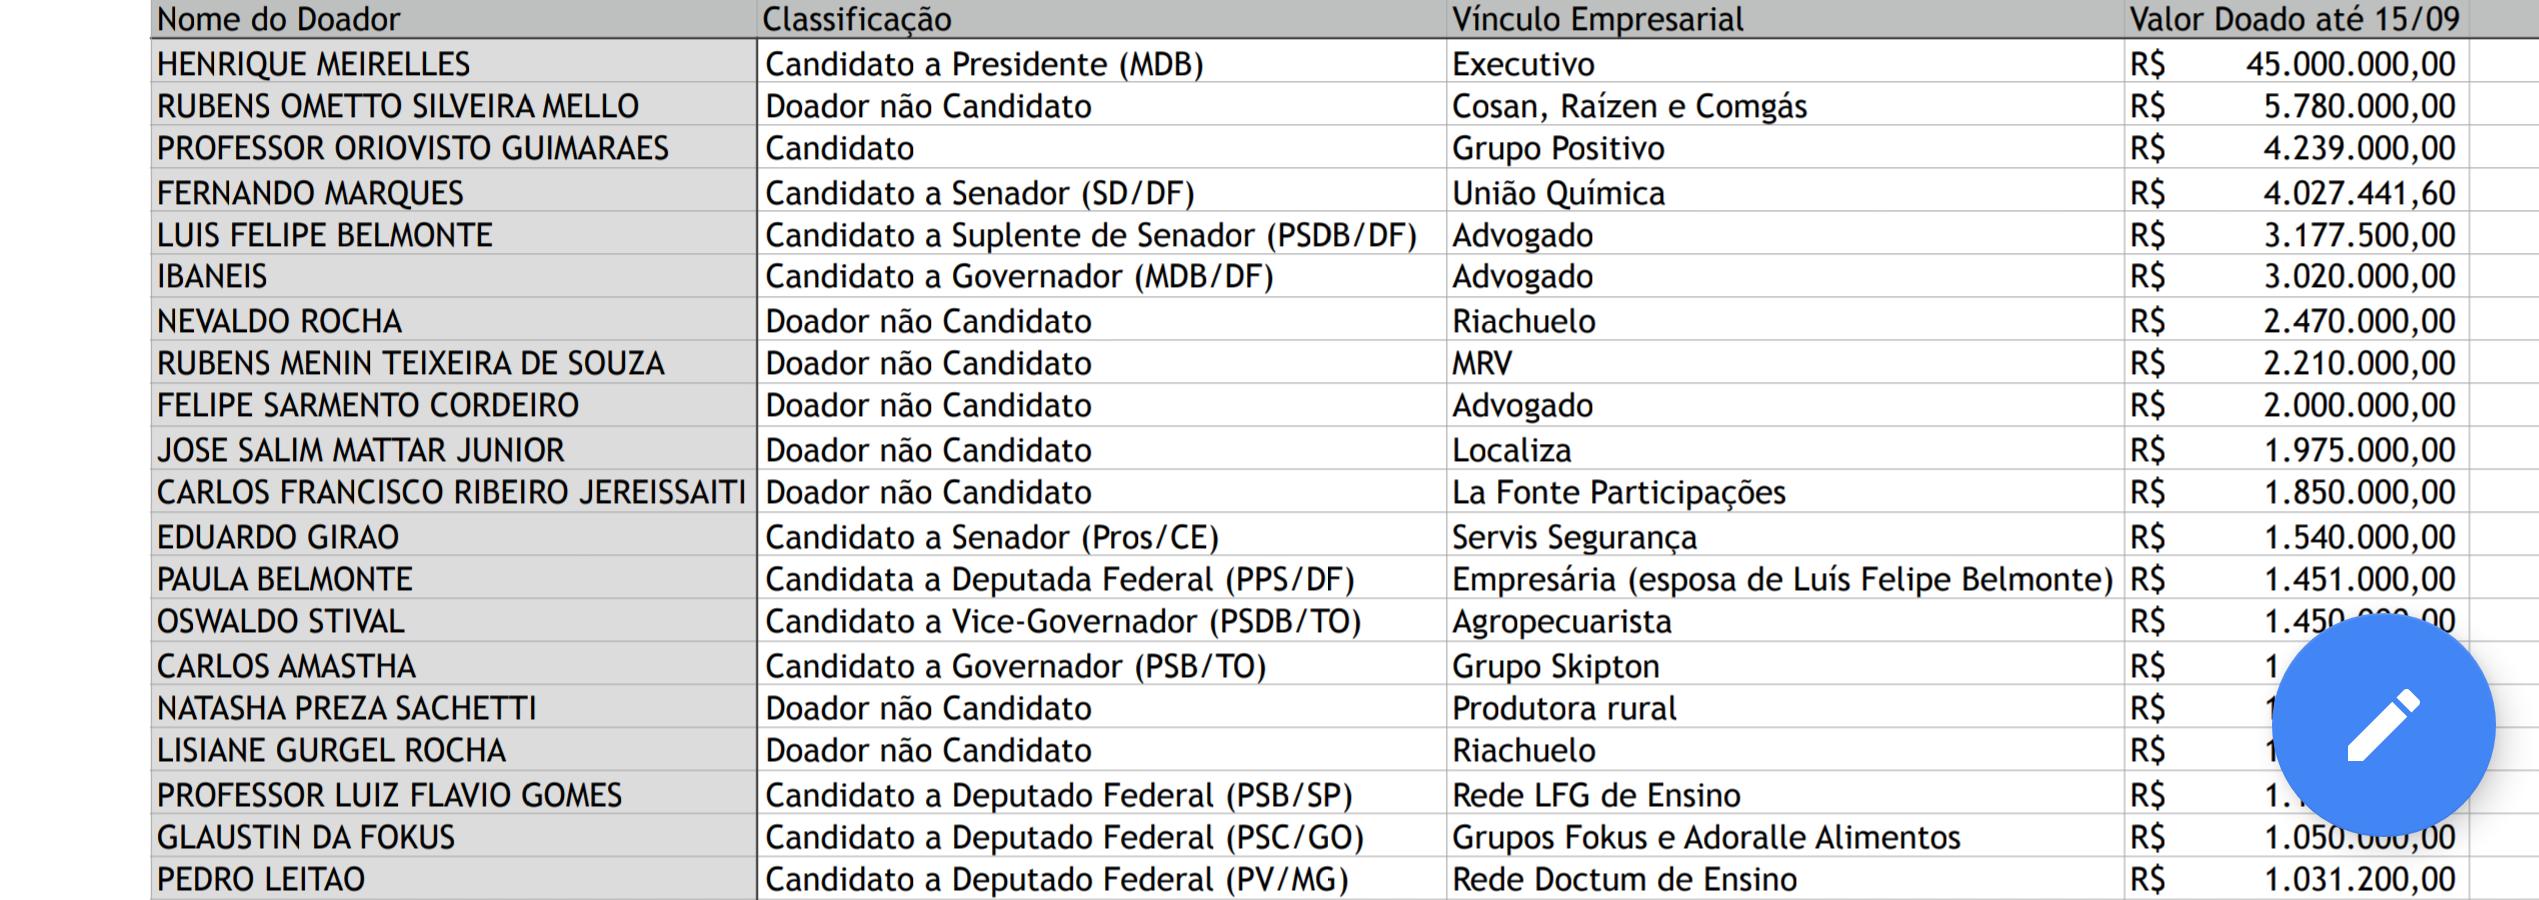 A tabela mostra os 20 maiores doadores nas eleições de 2018 (até 15/09/2018).